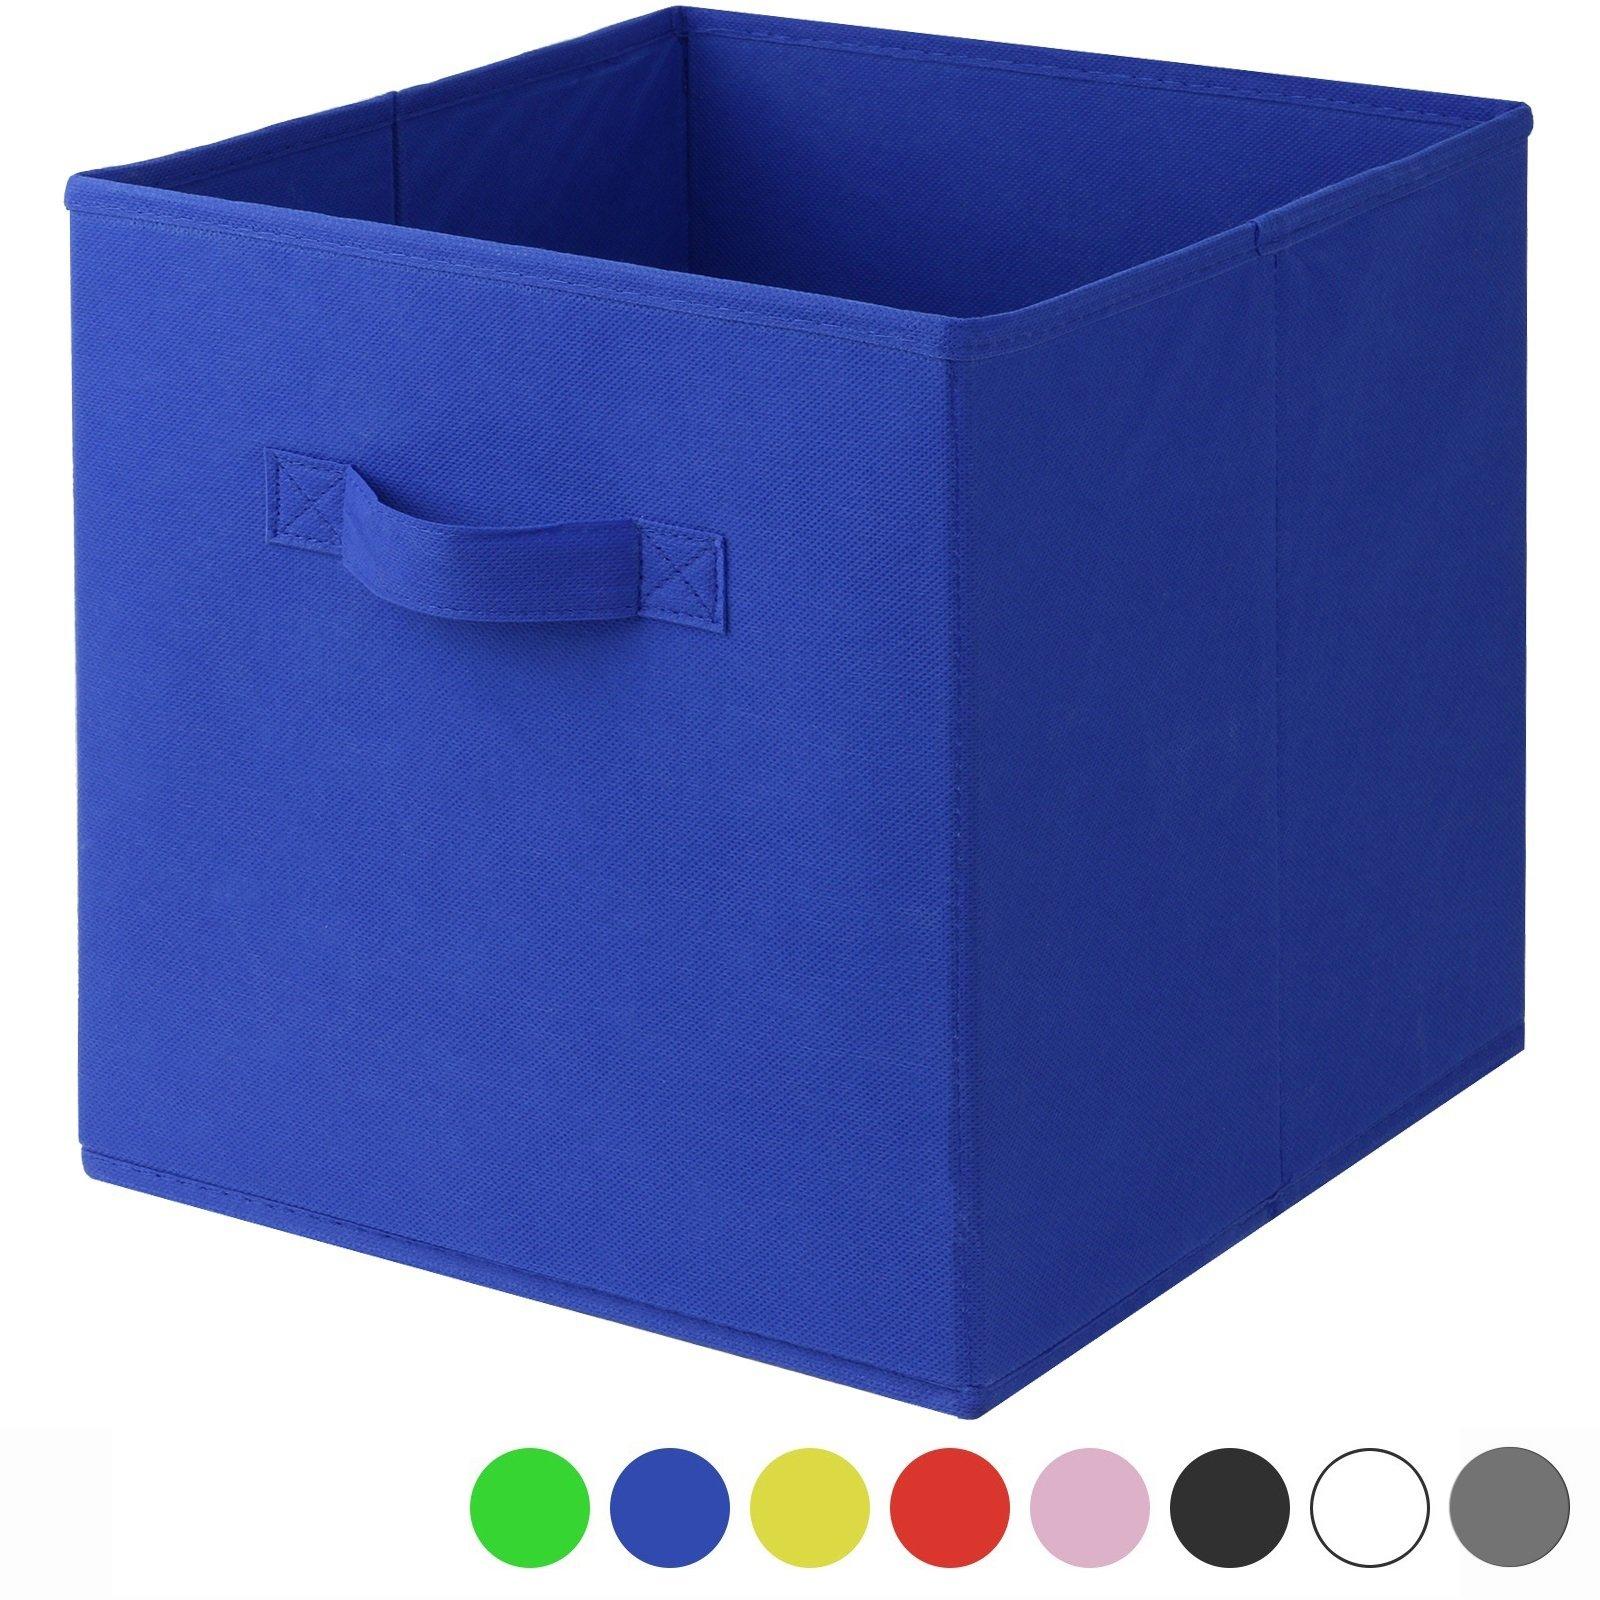 Hartleys Fabric Storage Box For 6, 8 U0026 9 Cube Unit